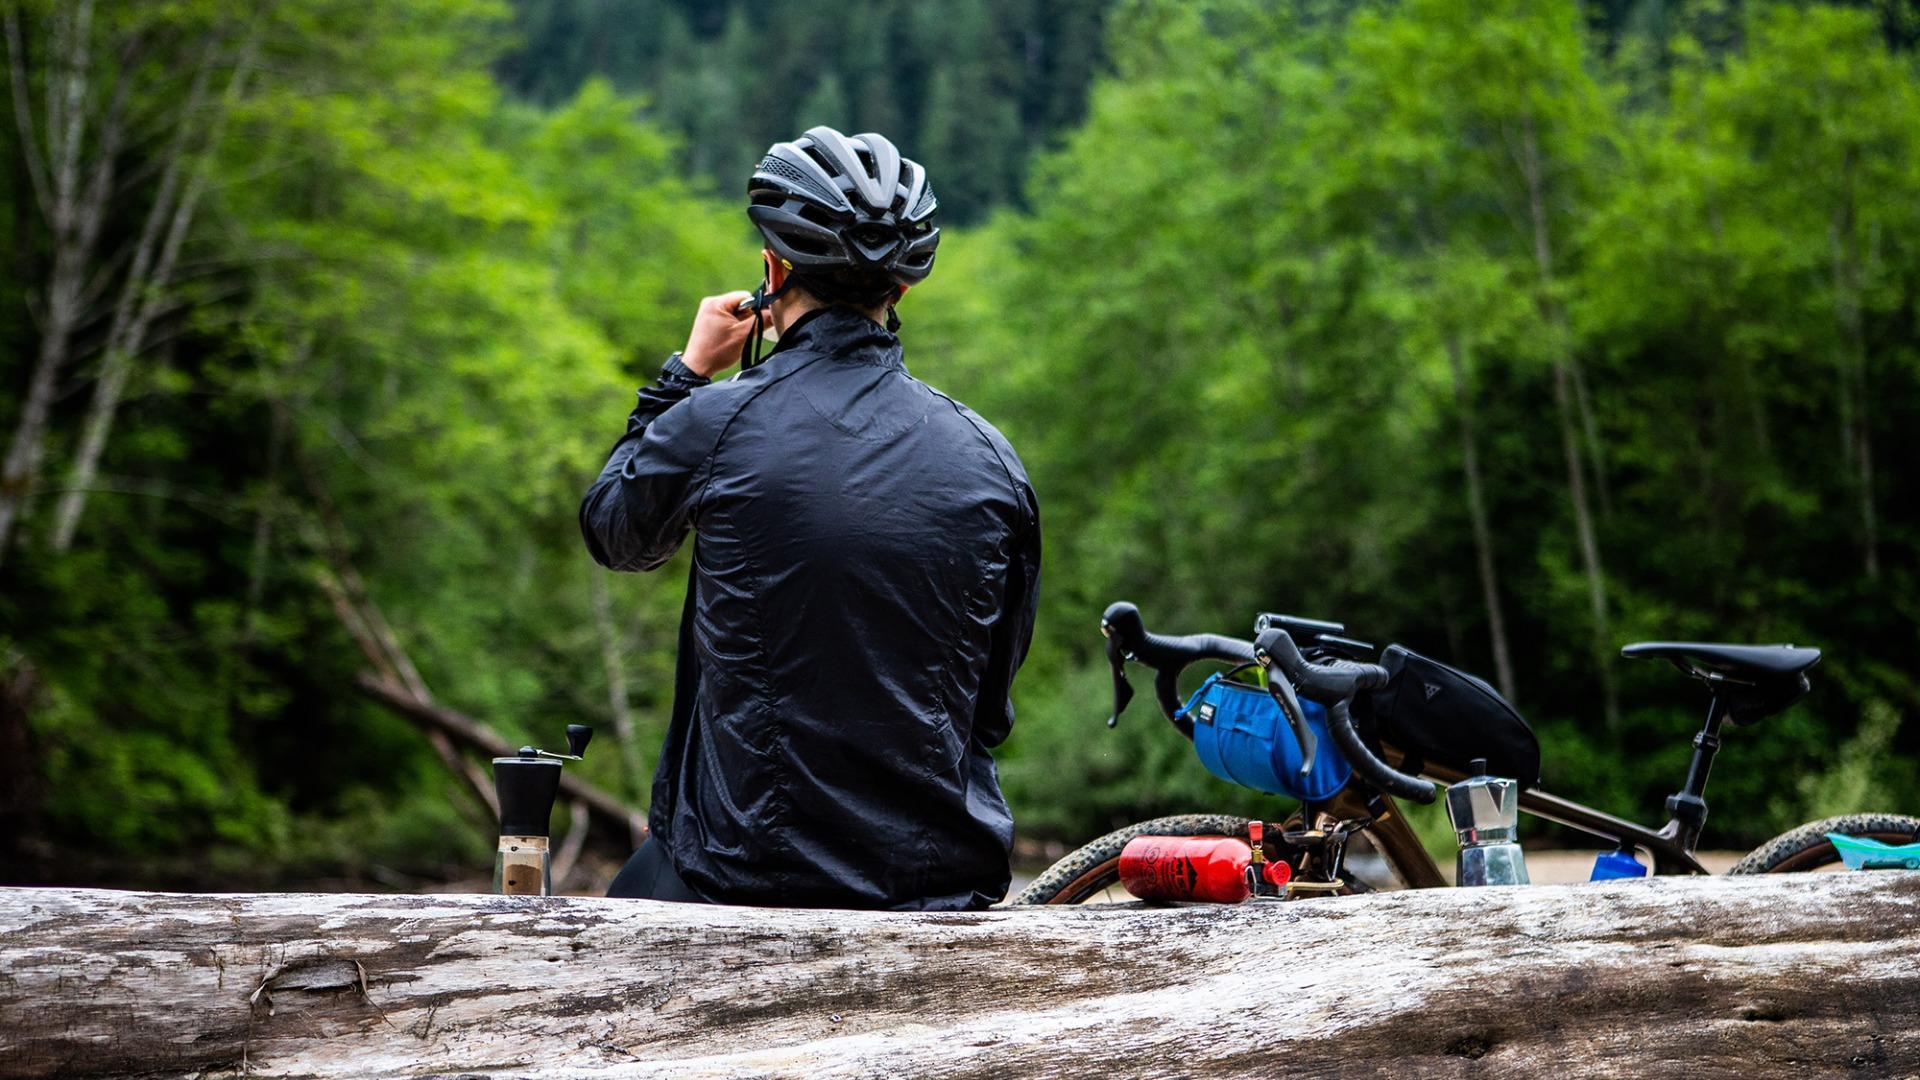 The rise of gravel bike